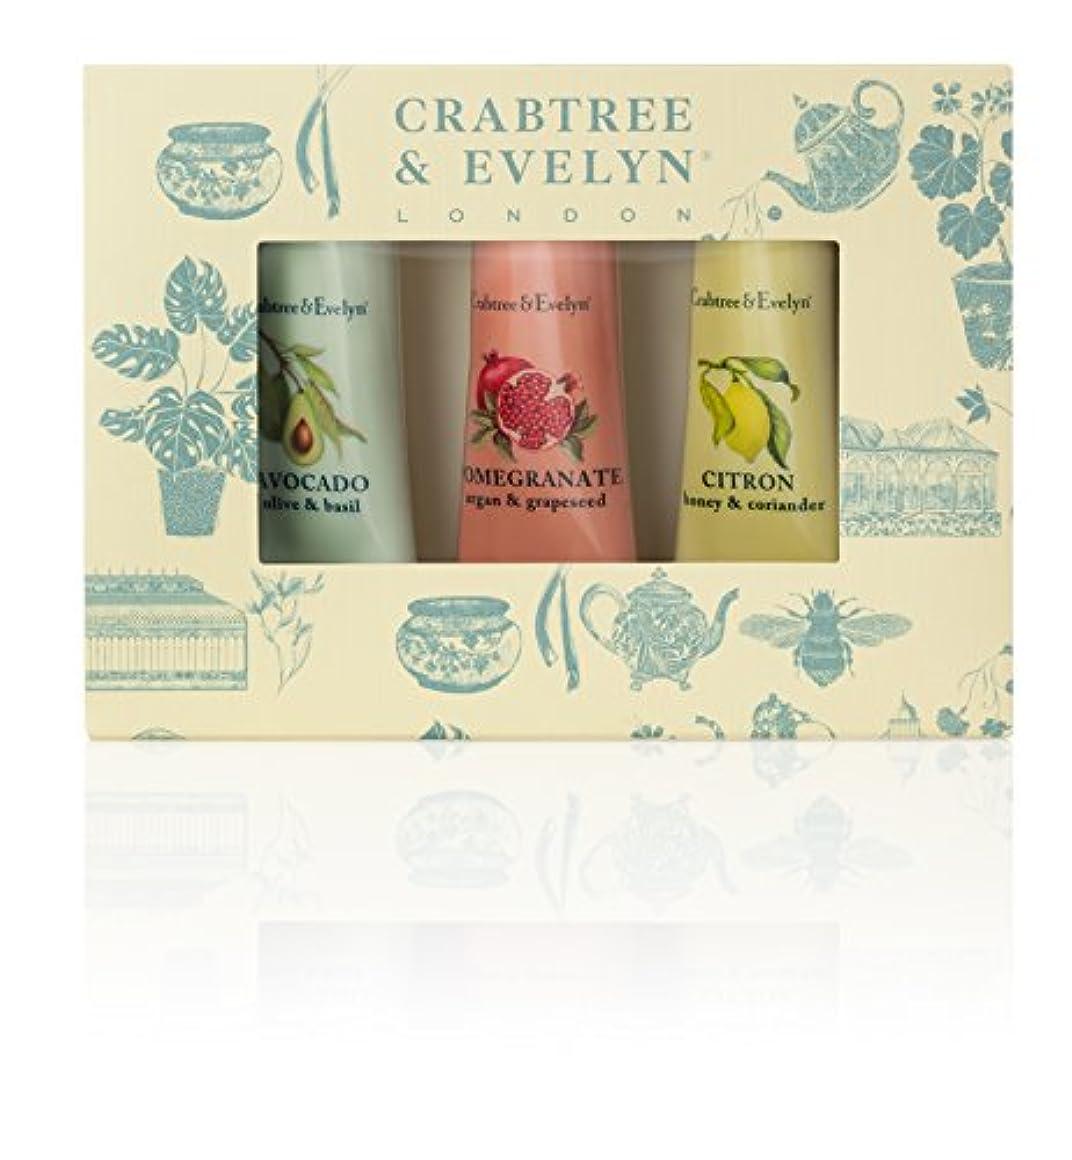 消費任命生き返らせるクラブツリー&イヴリン Botanicals Hand Therapy Set (1x Citron, Honey & Coriander, 1x Pomegranate, Argan & Grapeseed, 1x Avocado...